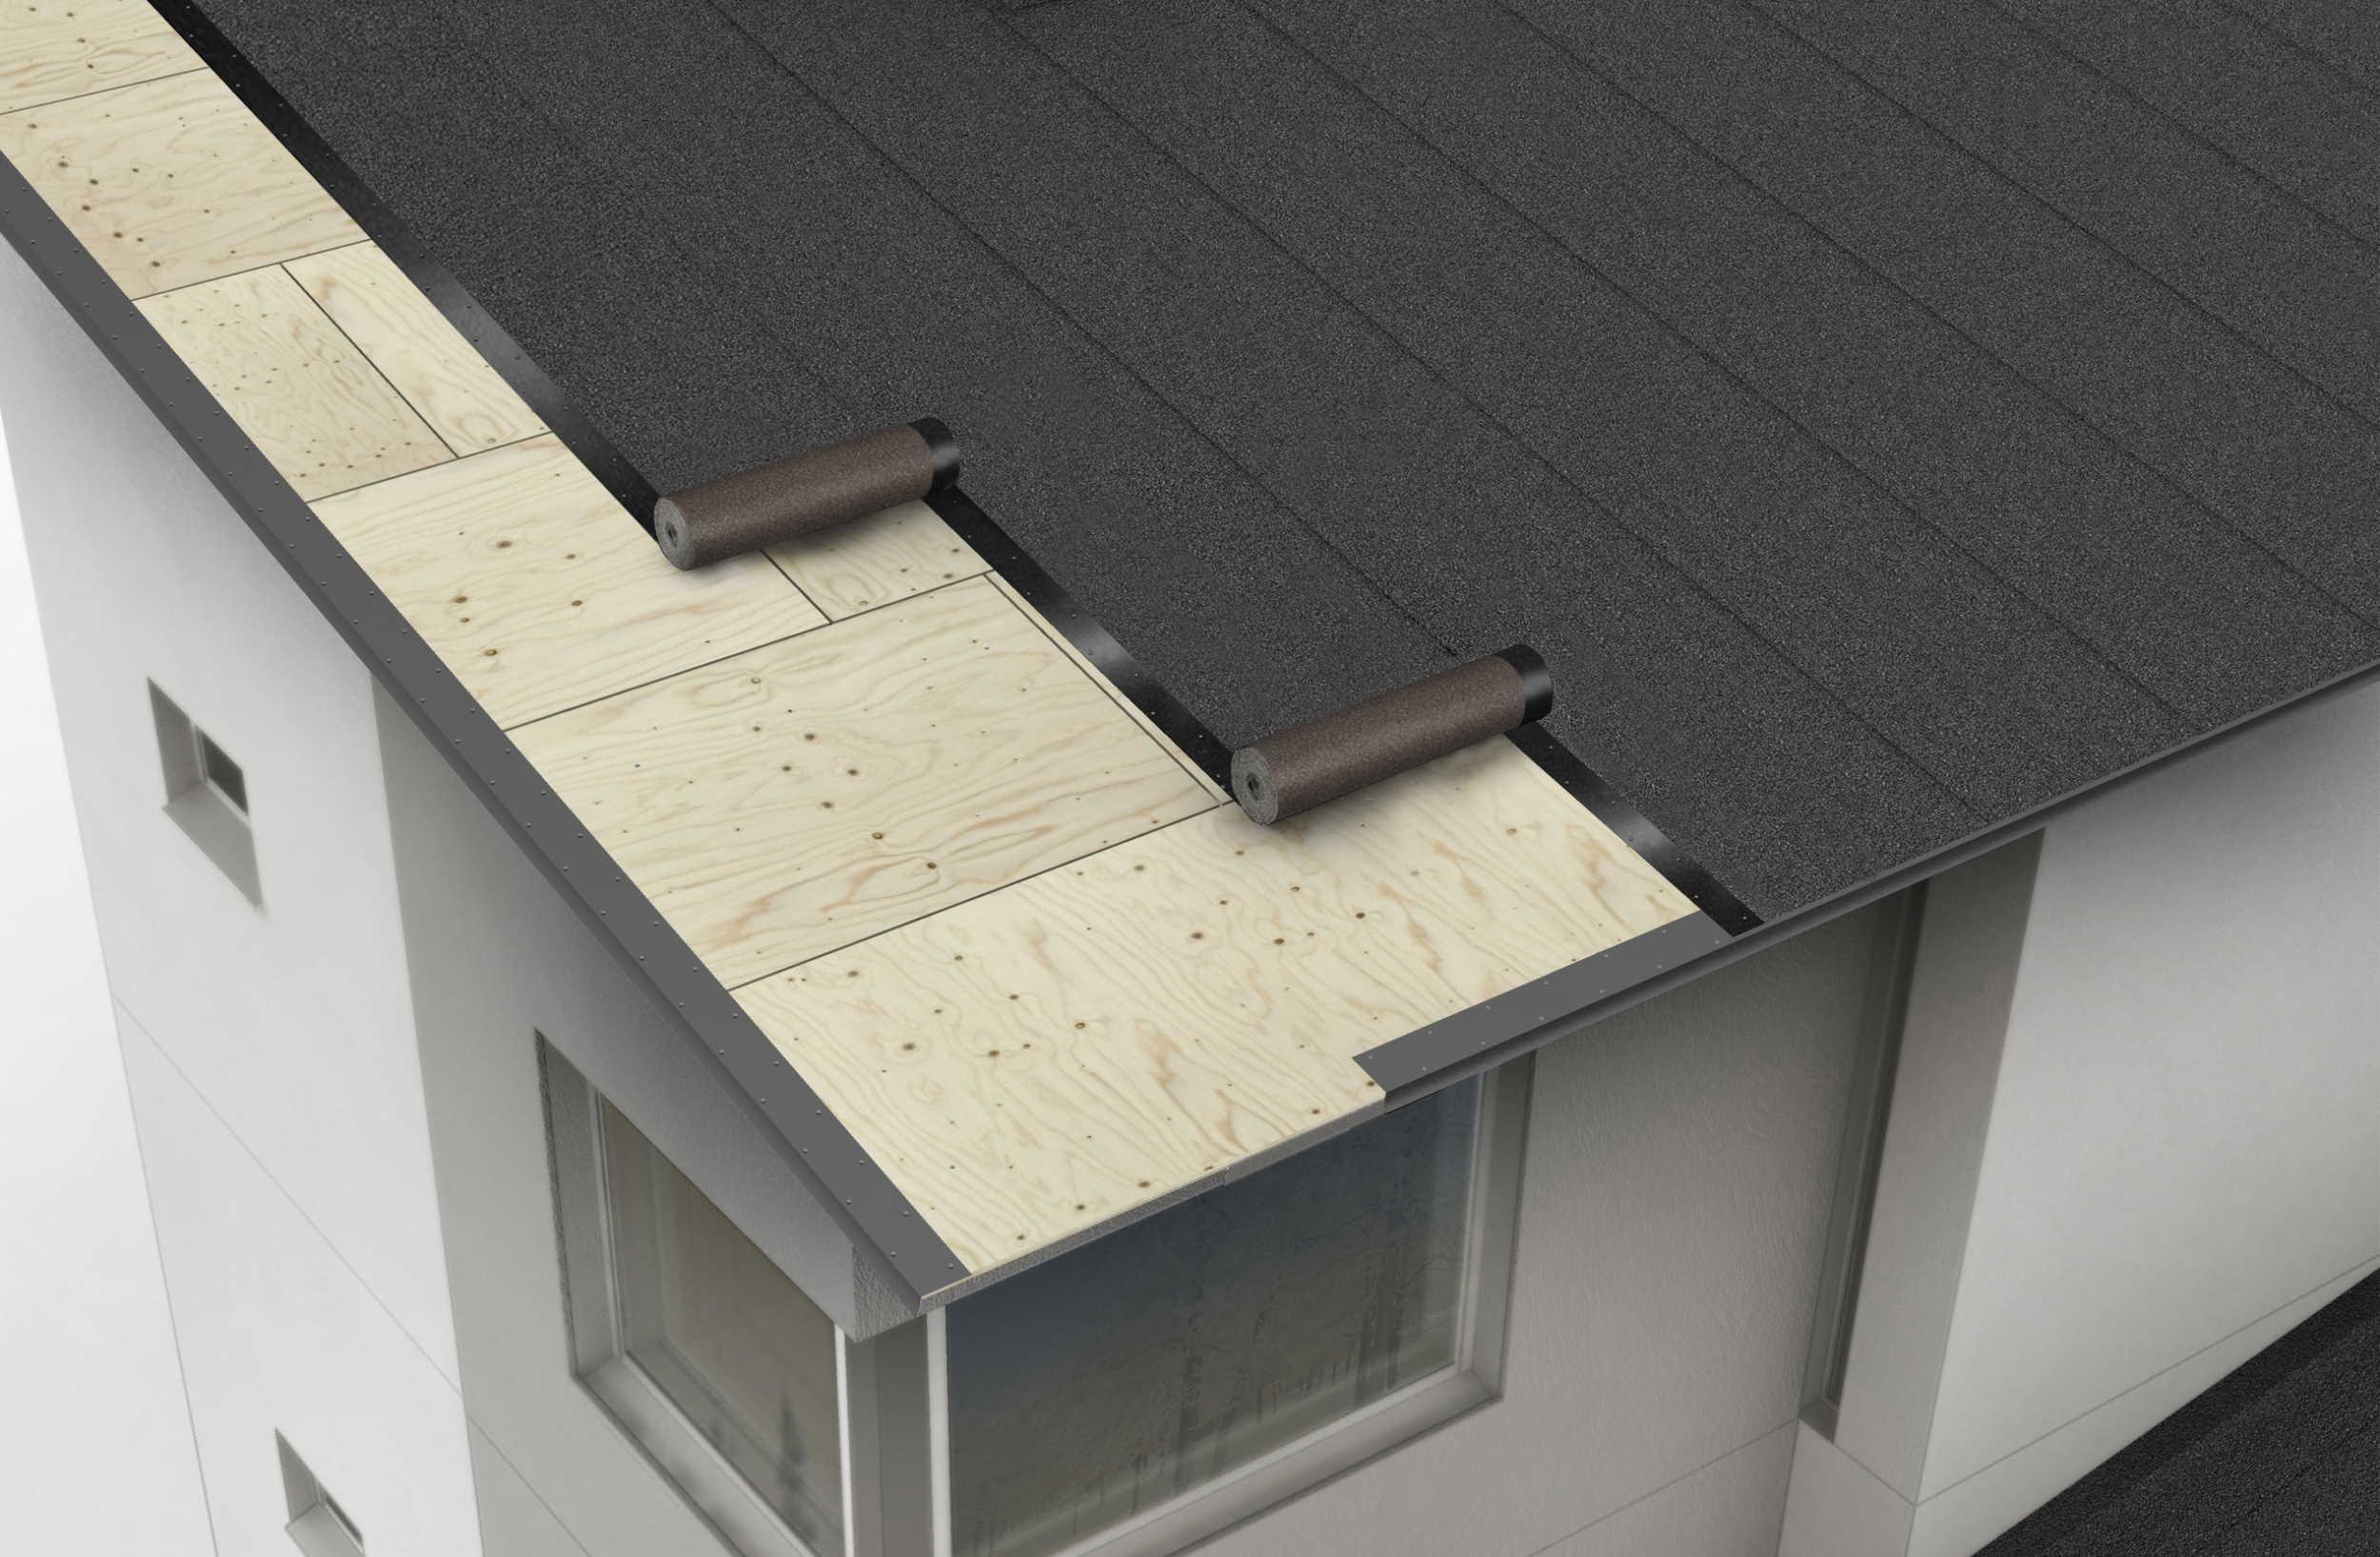 IMG - TopSafe Uni tiivissaumakate kattohuopa havainnerenderöinti rakenteesta - 2500px / 1635px